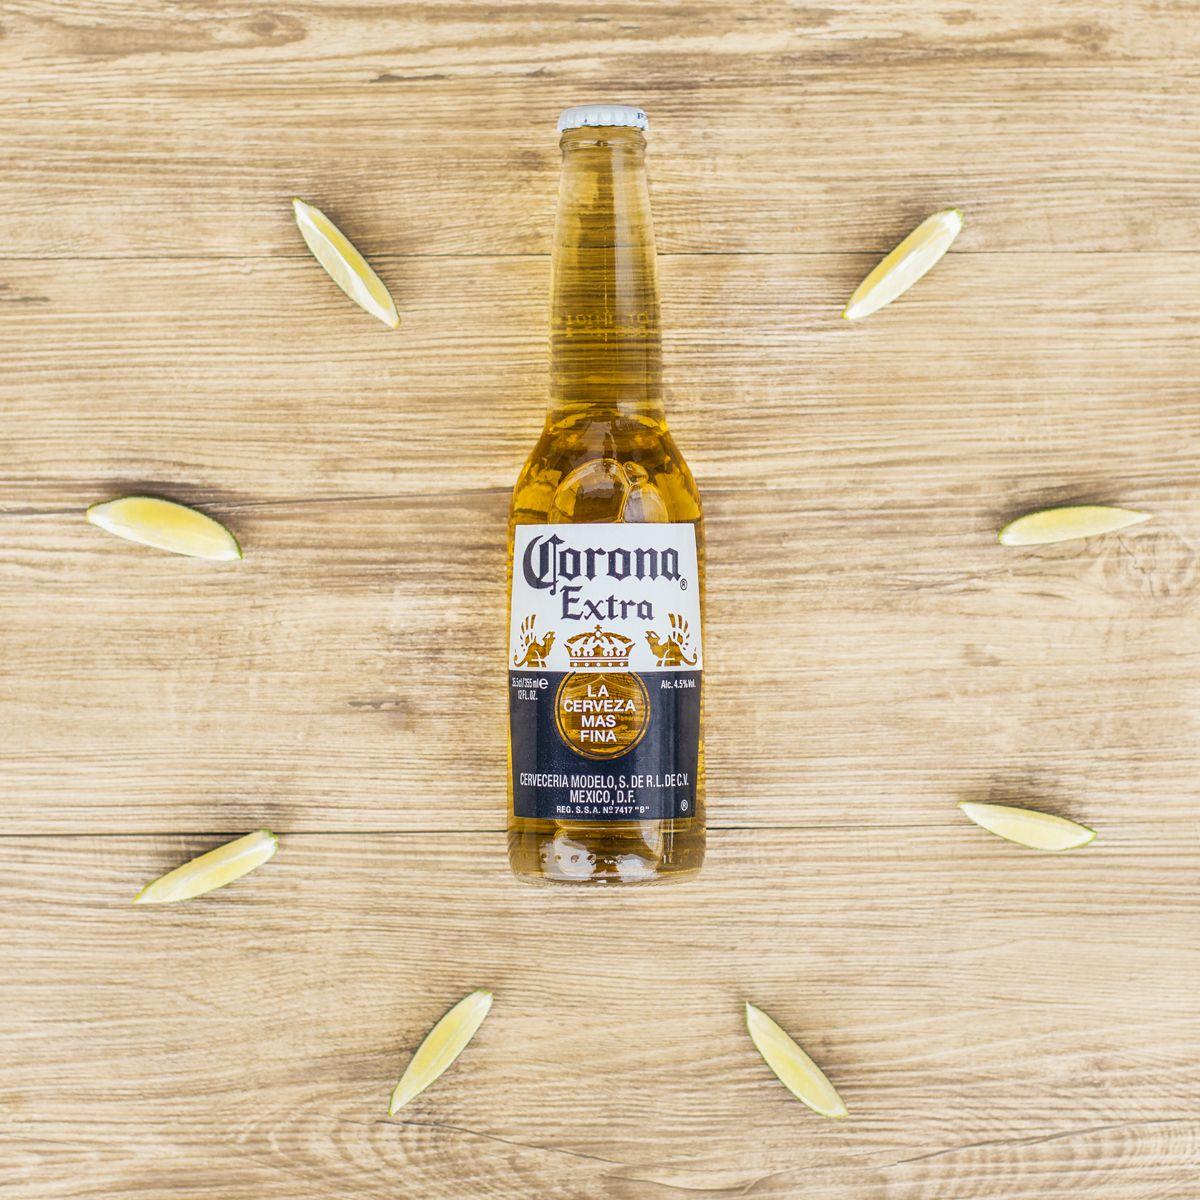 Limes + Corona. TimeForCorona corona beer germany